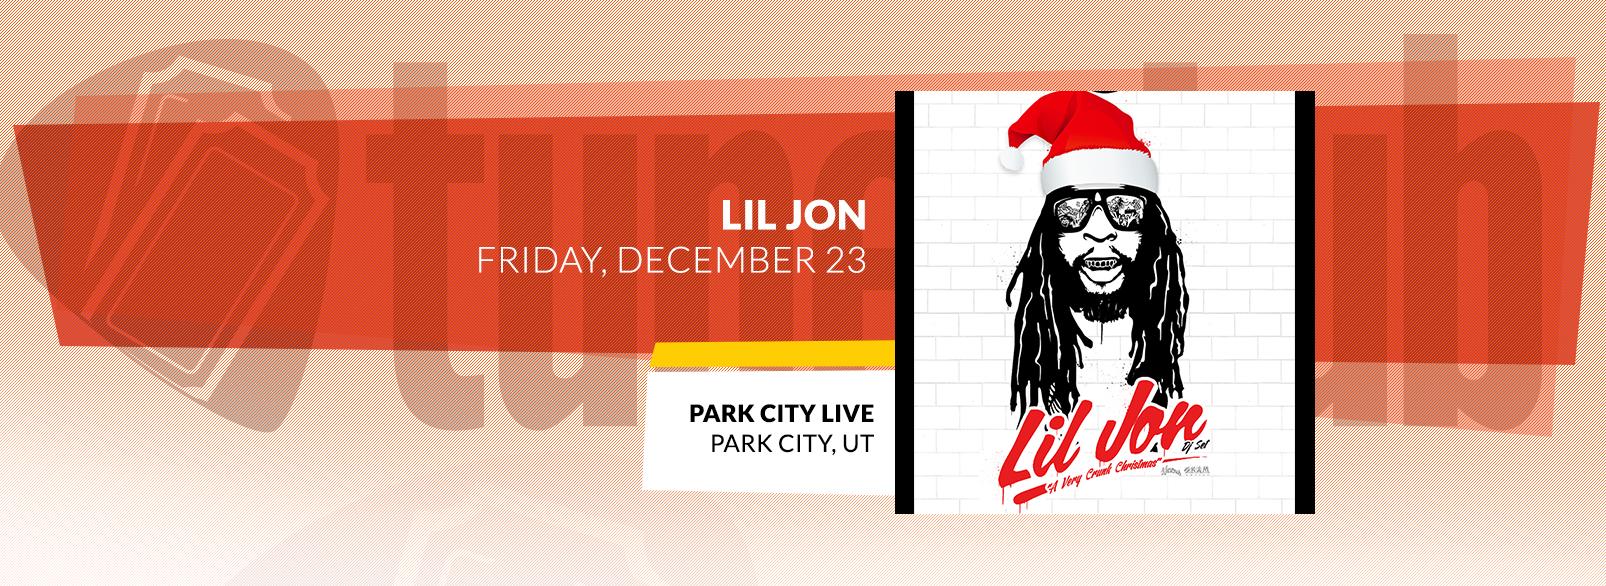 Lil Jon @ Park City Live